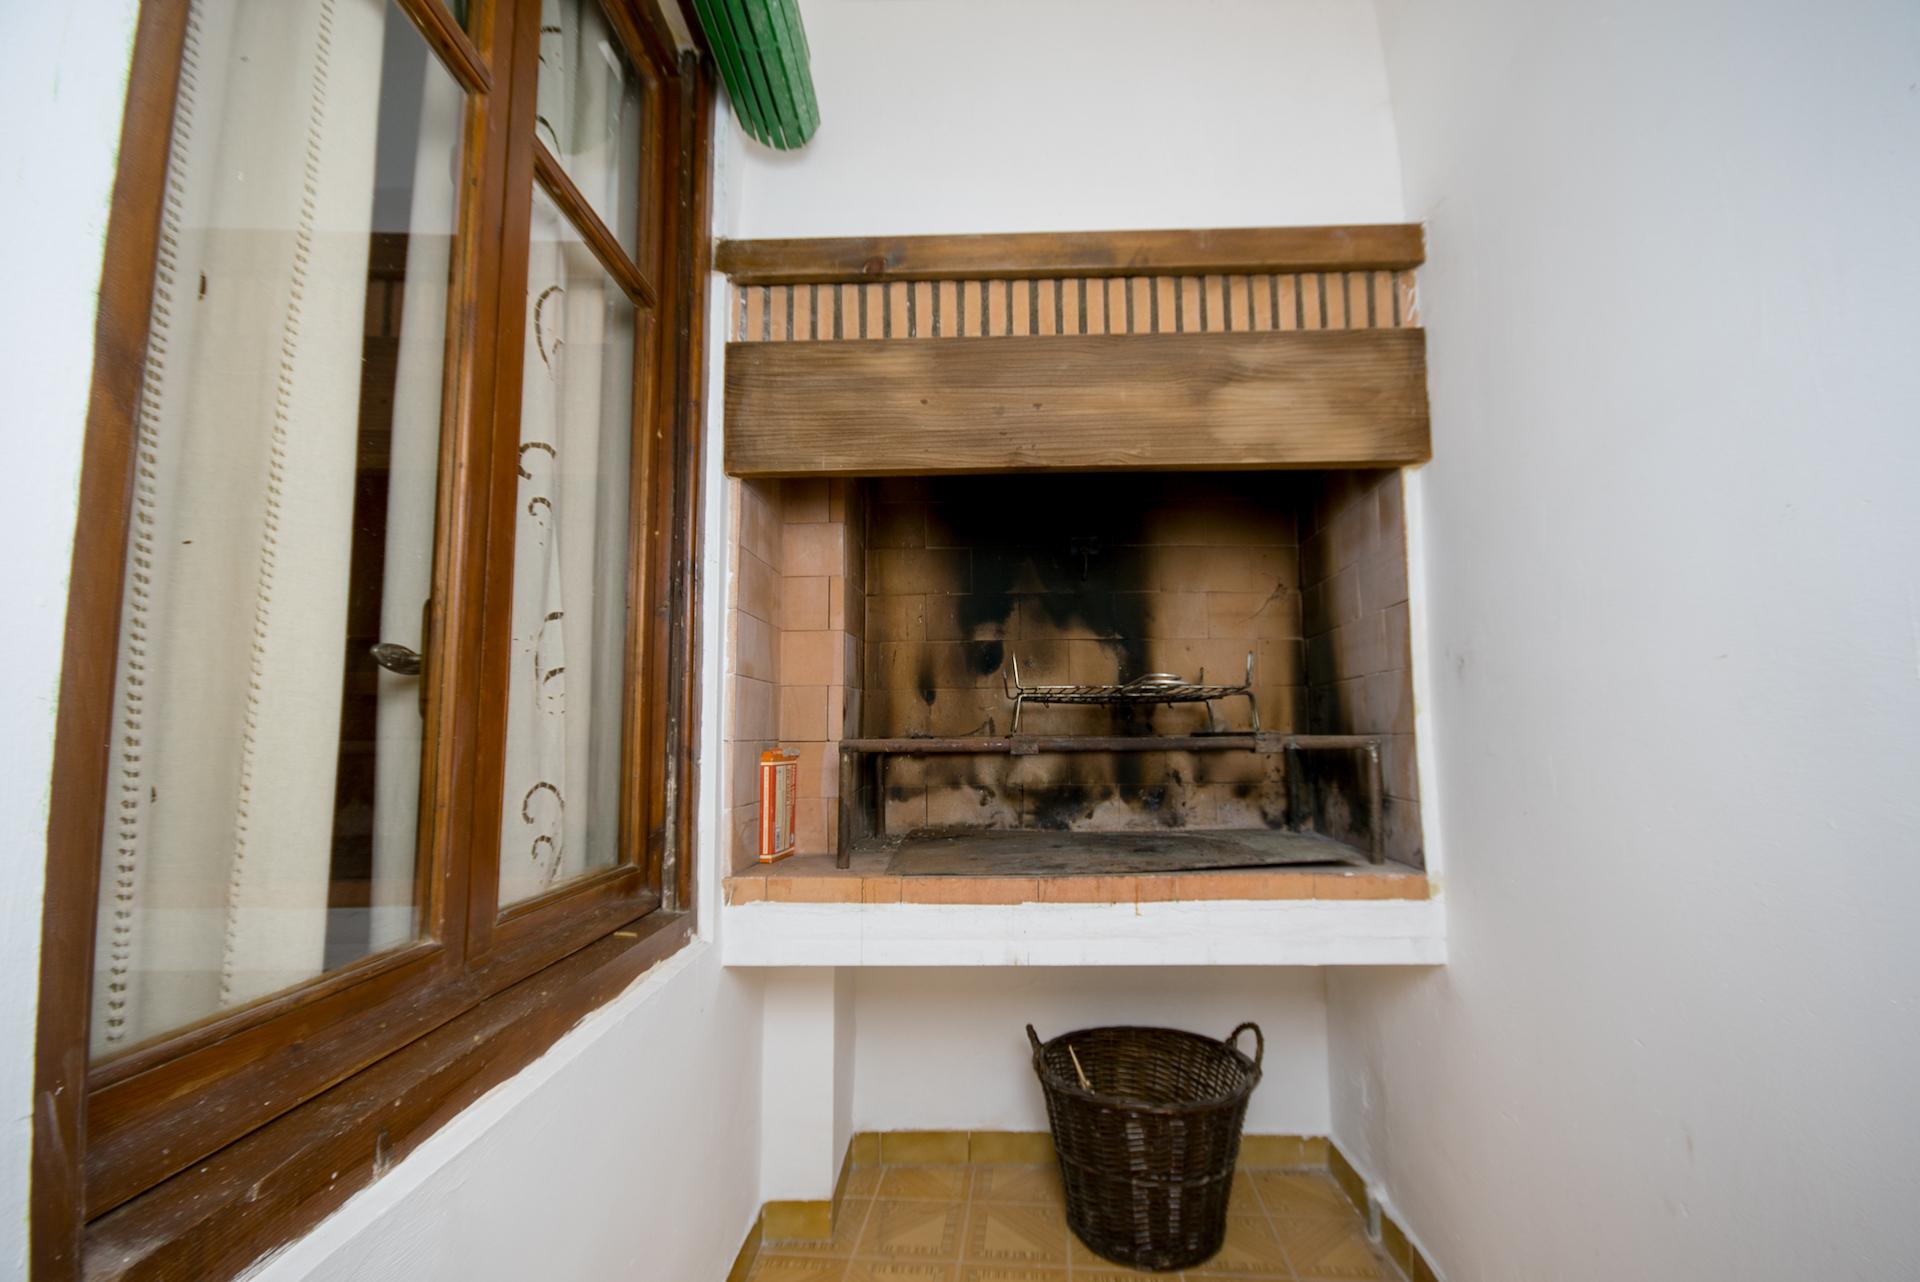 Benafer - Casa Paco - Patio de luces Barbacoa